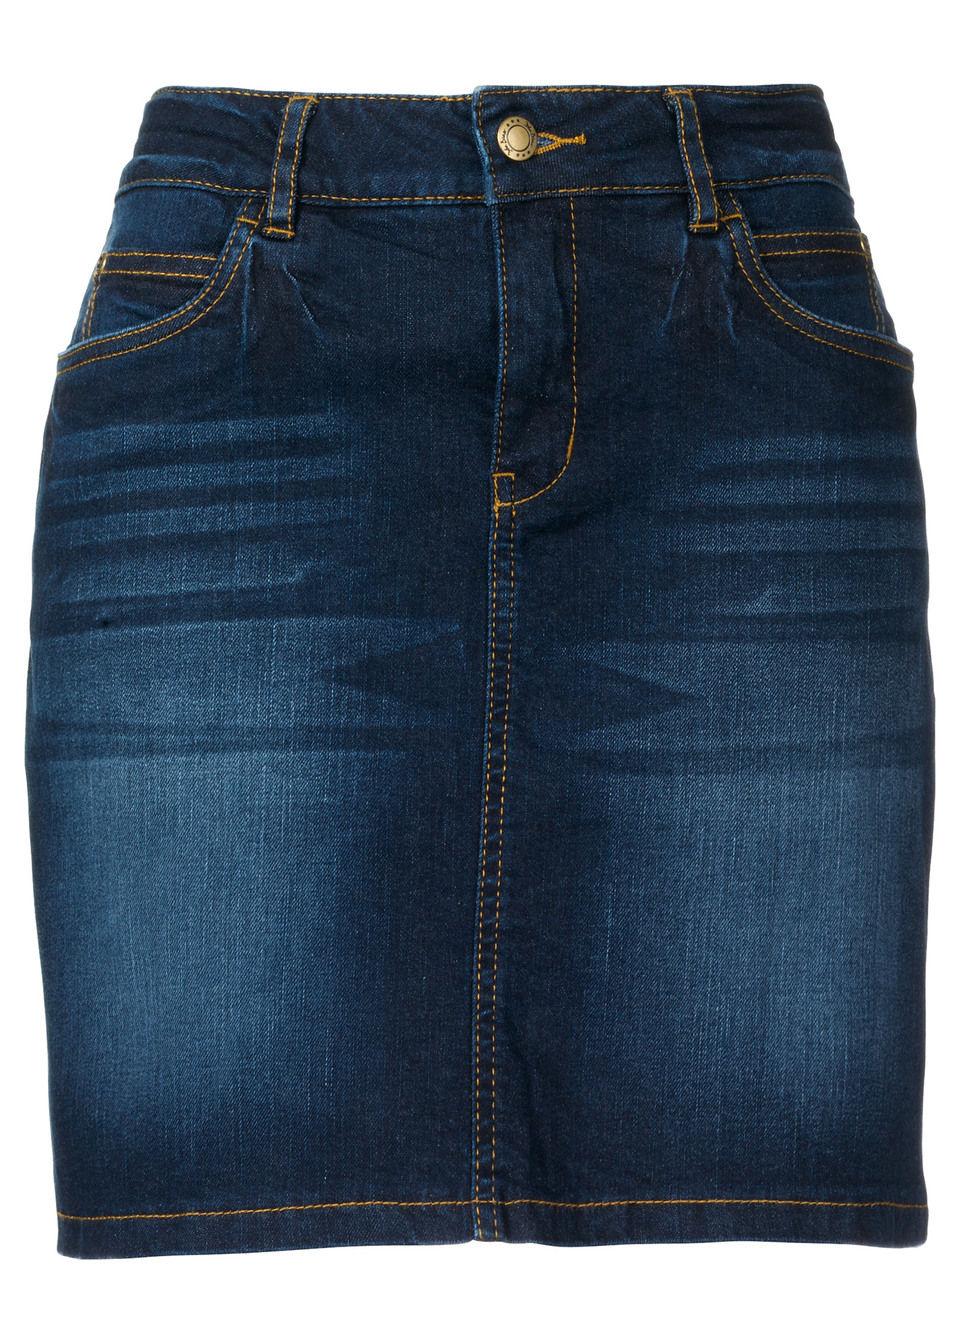 Джинсовая юбка стрейч от bonprix